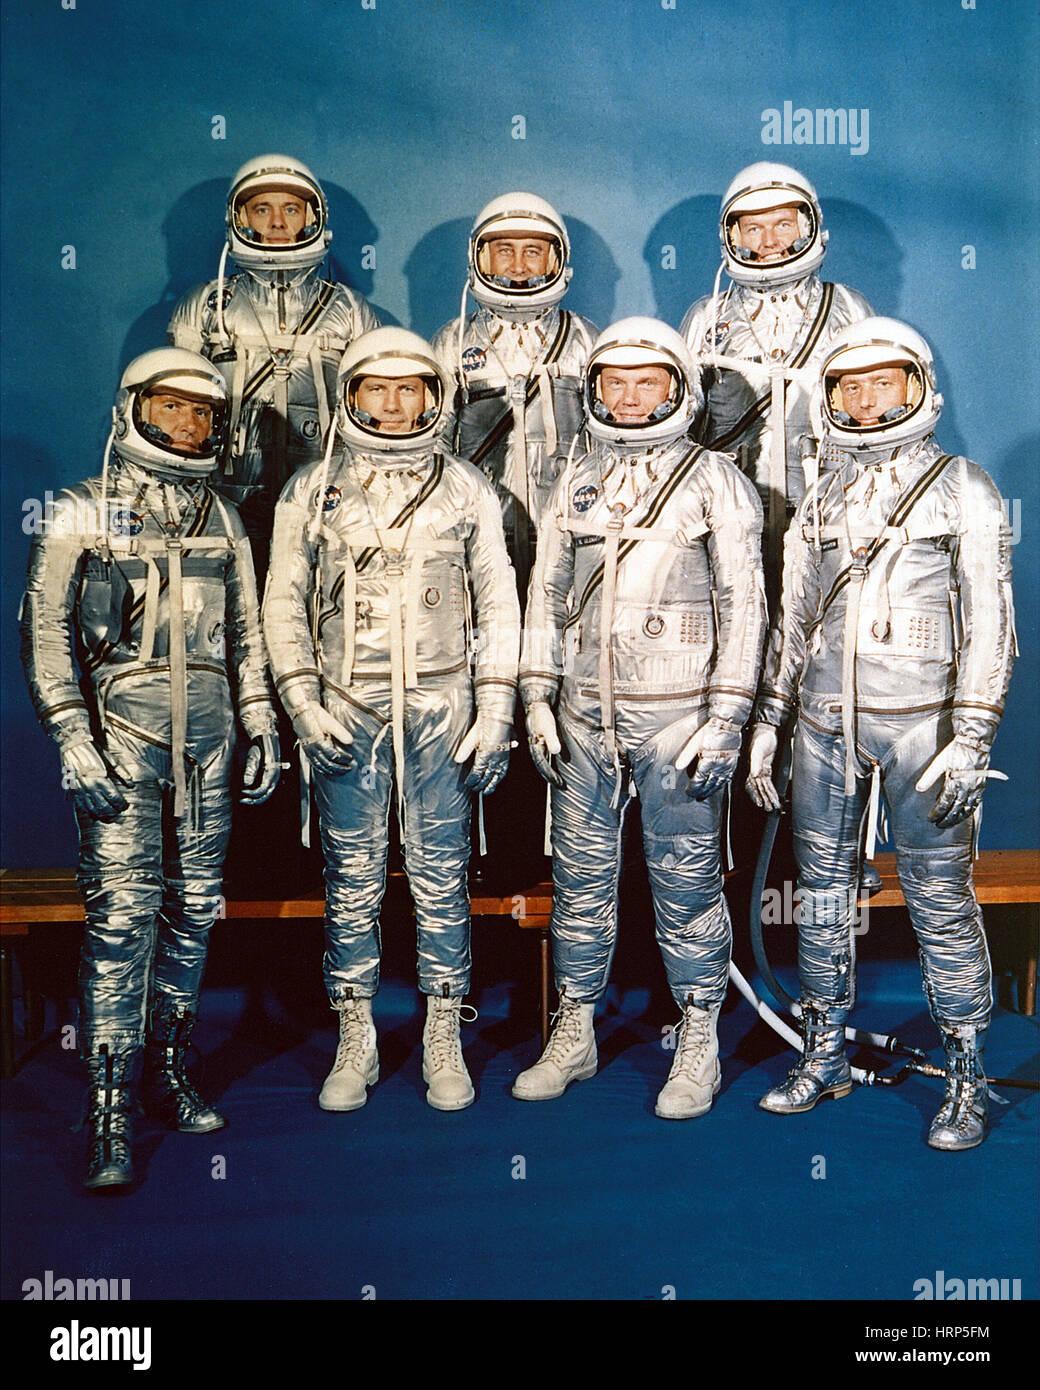 Il mercurio sette, 1959 Immagini Stock